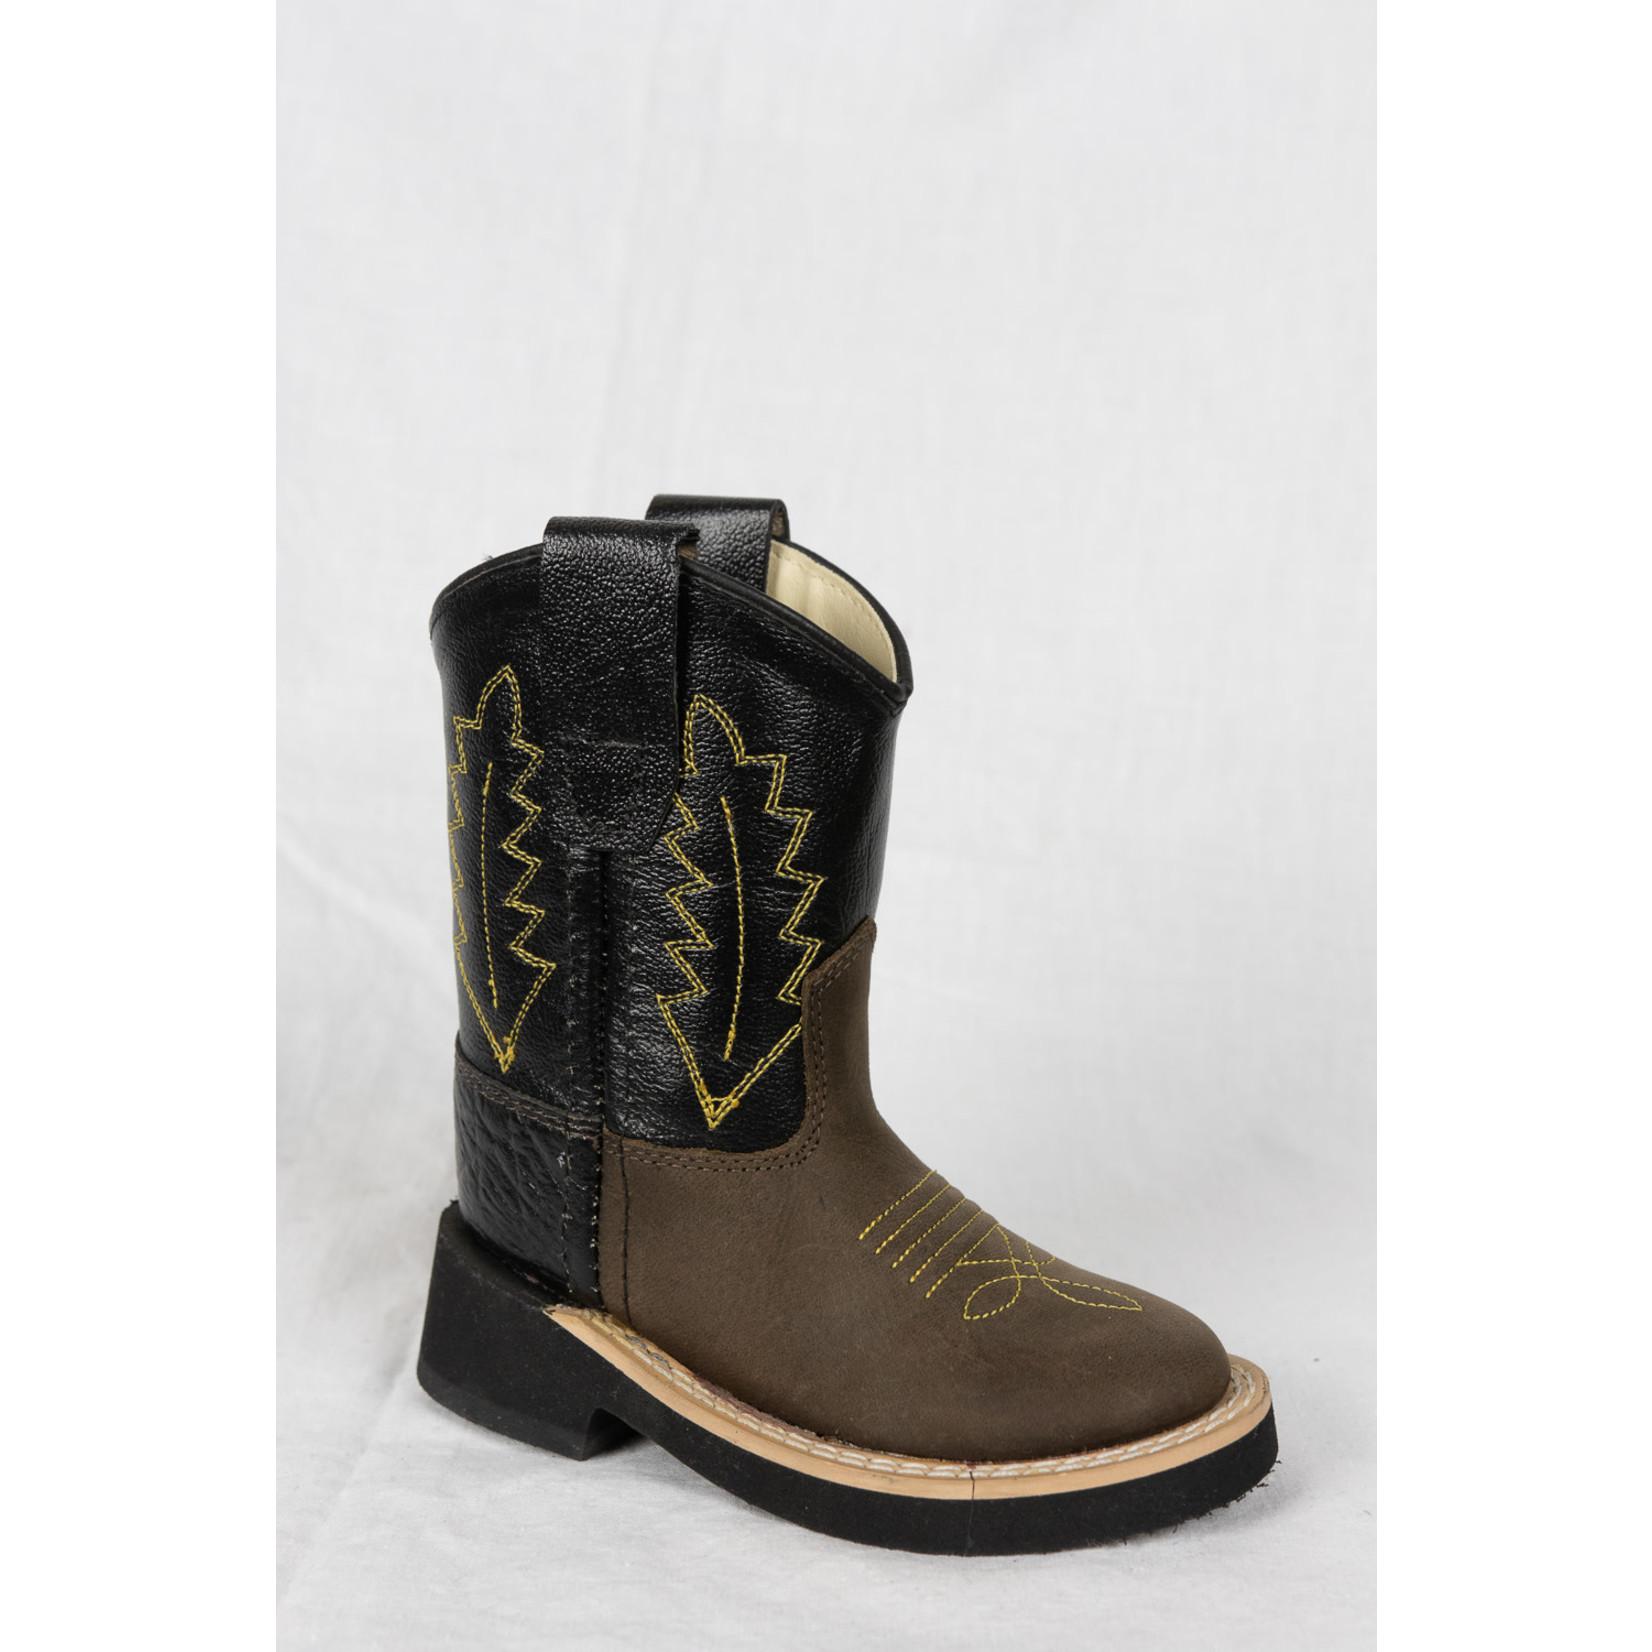 Old west Old West Children Brown/ Black Cowboy Boot 1606I